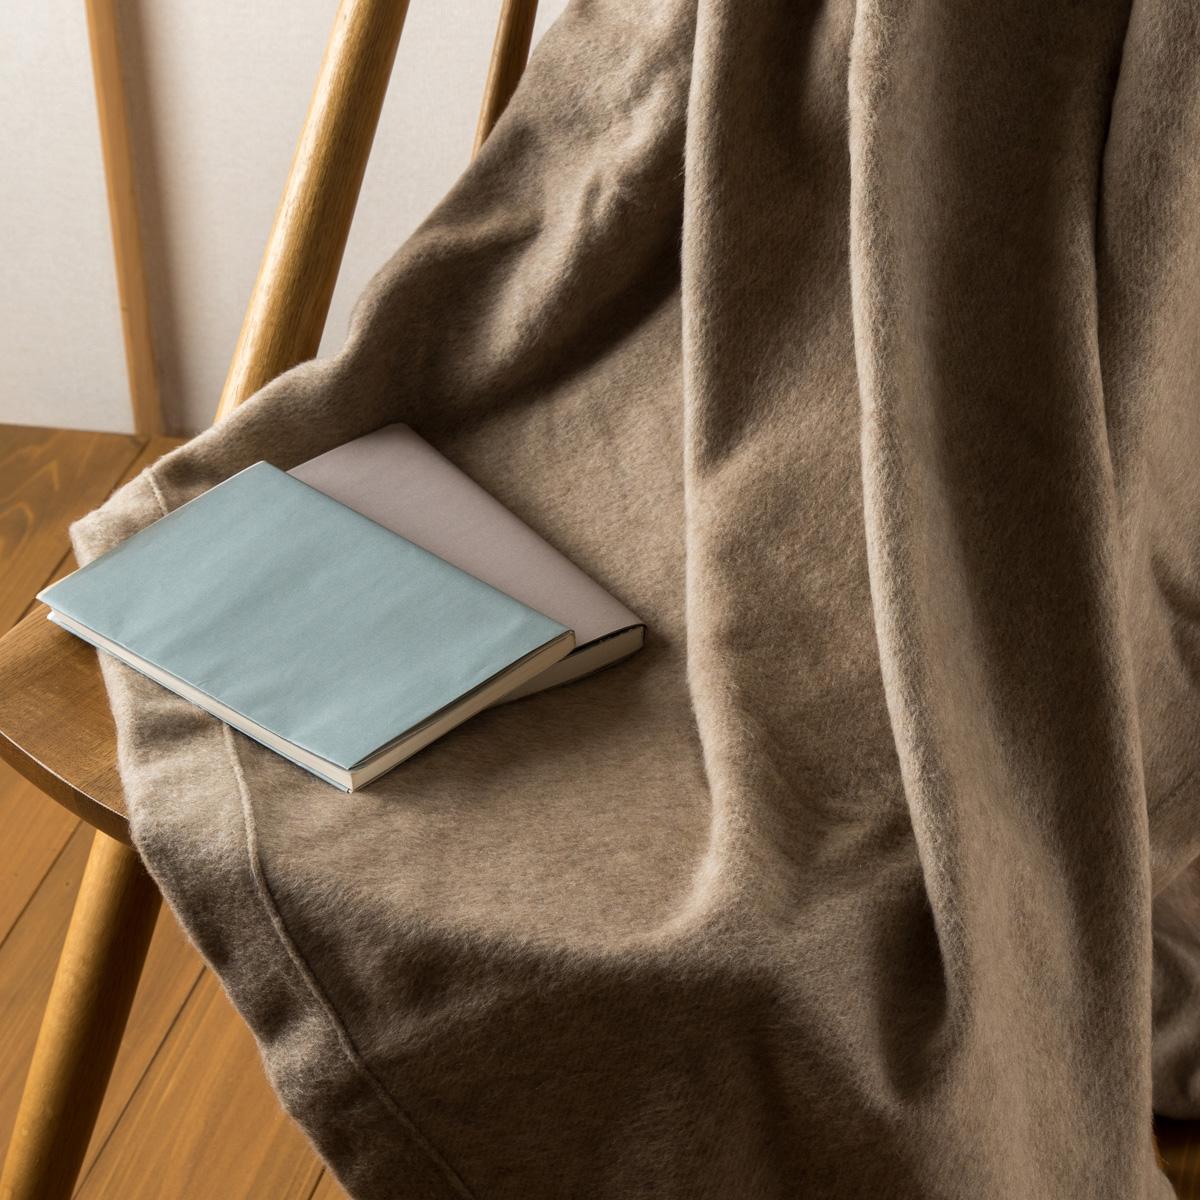 西川毛布 ・カシミヤ毛布・シングル・日本製 オールカシミヤ高級毛布 東京西川 西川産業(カシミヤ100%)S